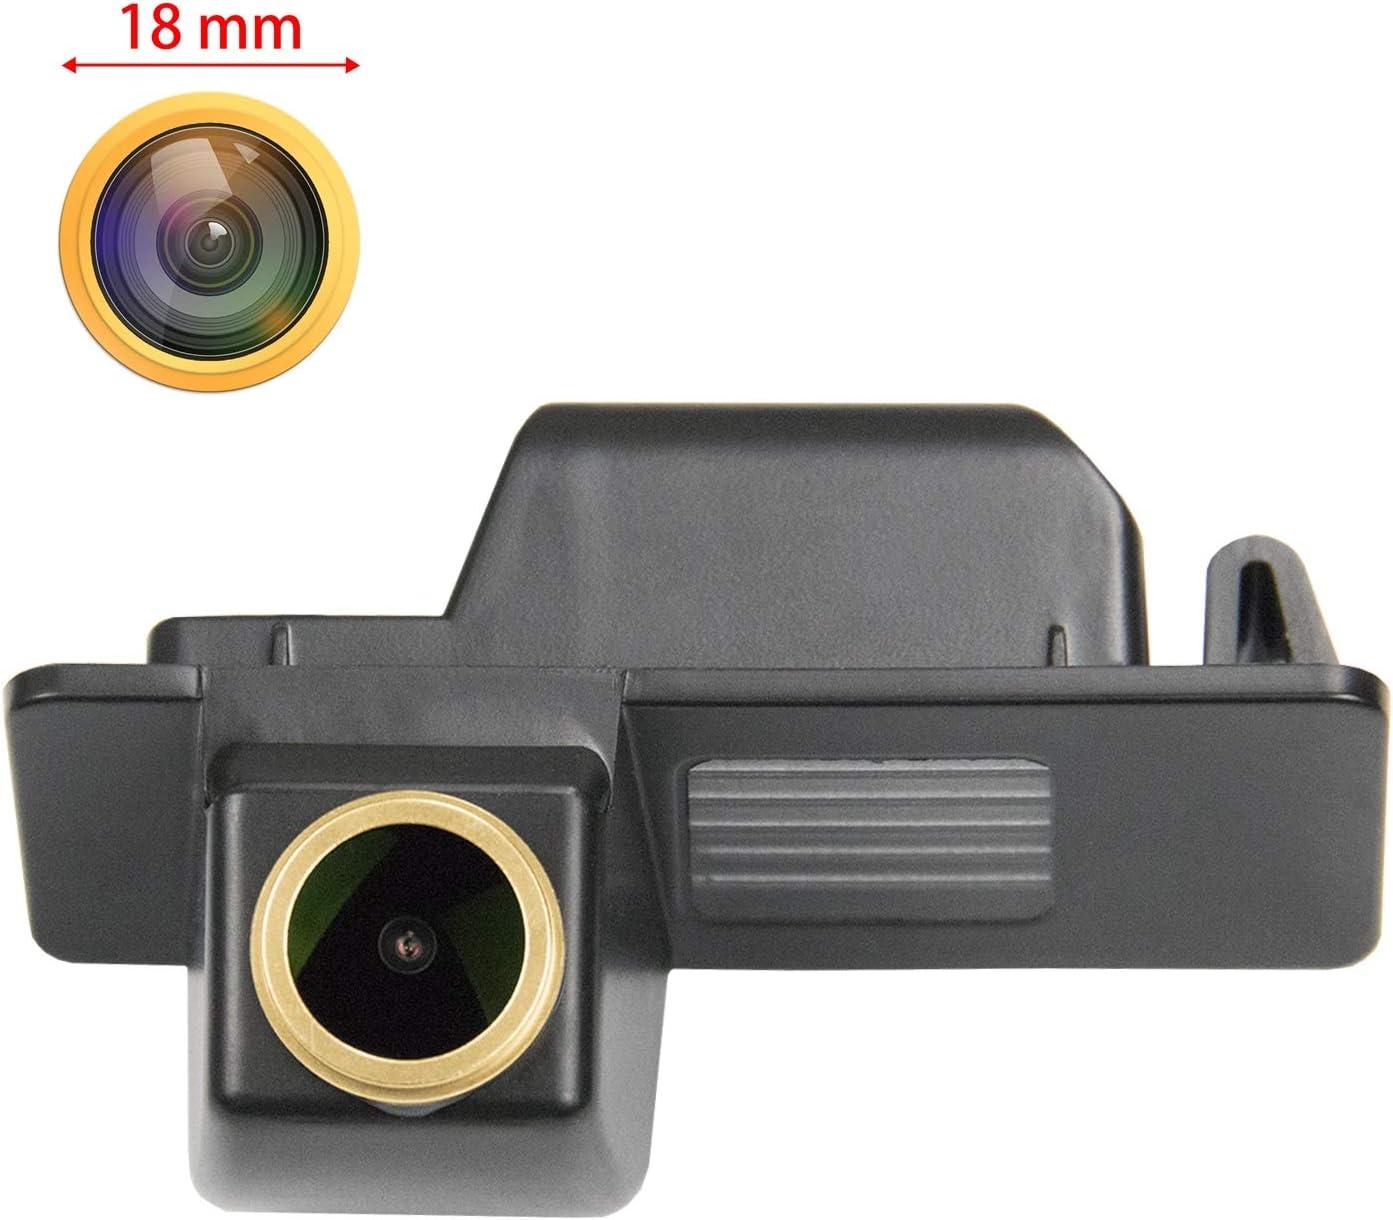 Telecamera posteriore per retromarcia HD 1280 x 720p con visione notturna Ip69K impermeabile per Chevrolet Aveo 2012 2013 2014 Cruze Equinox Trailblazer Opel Mokka